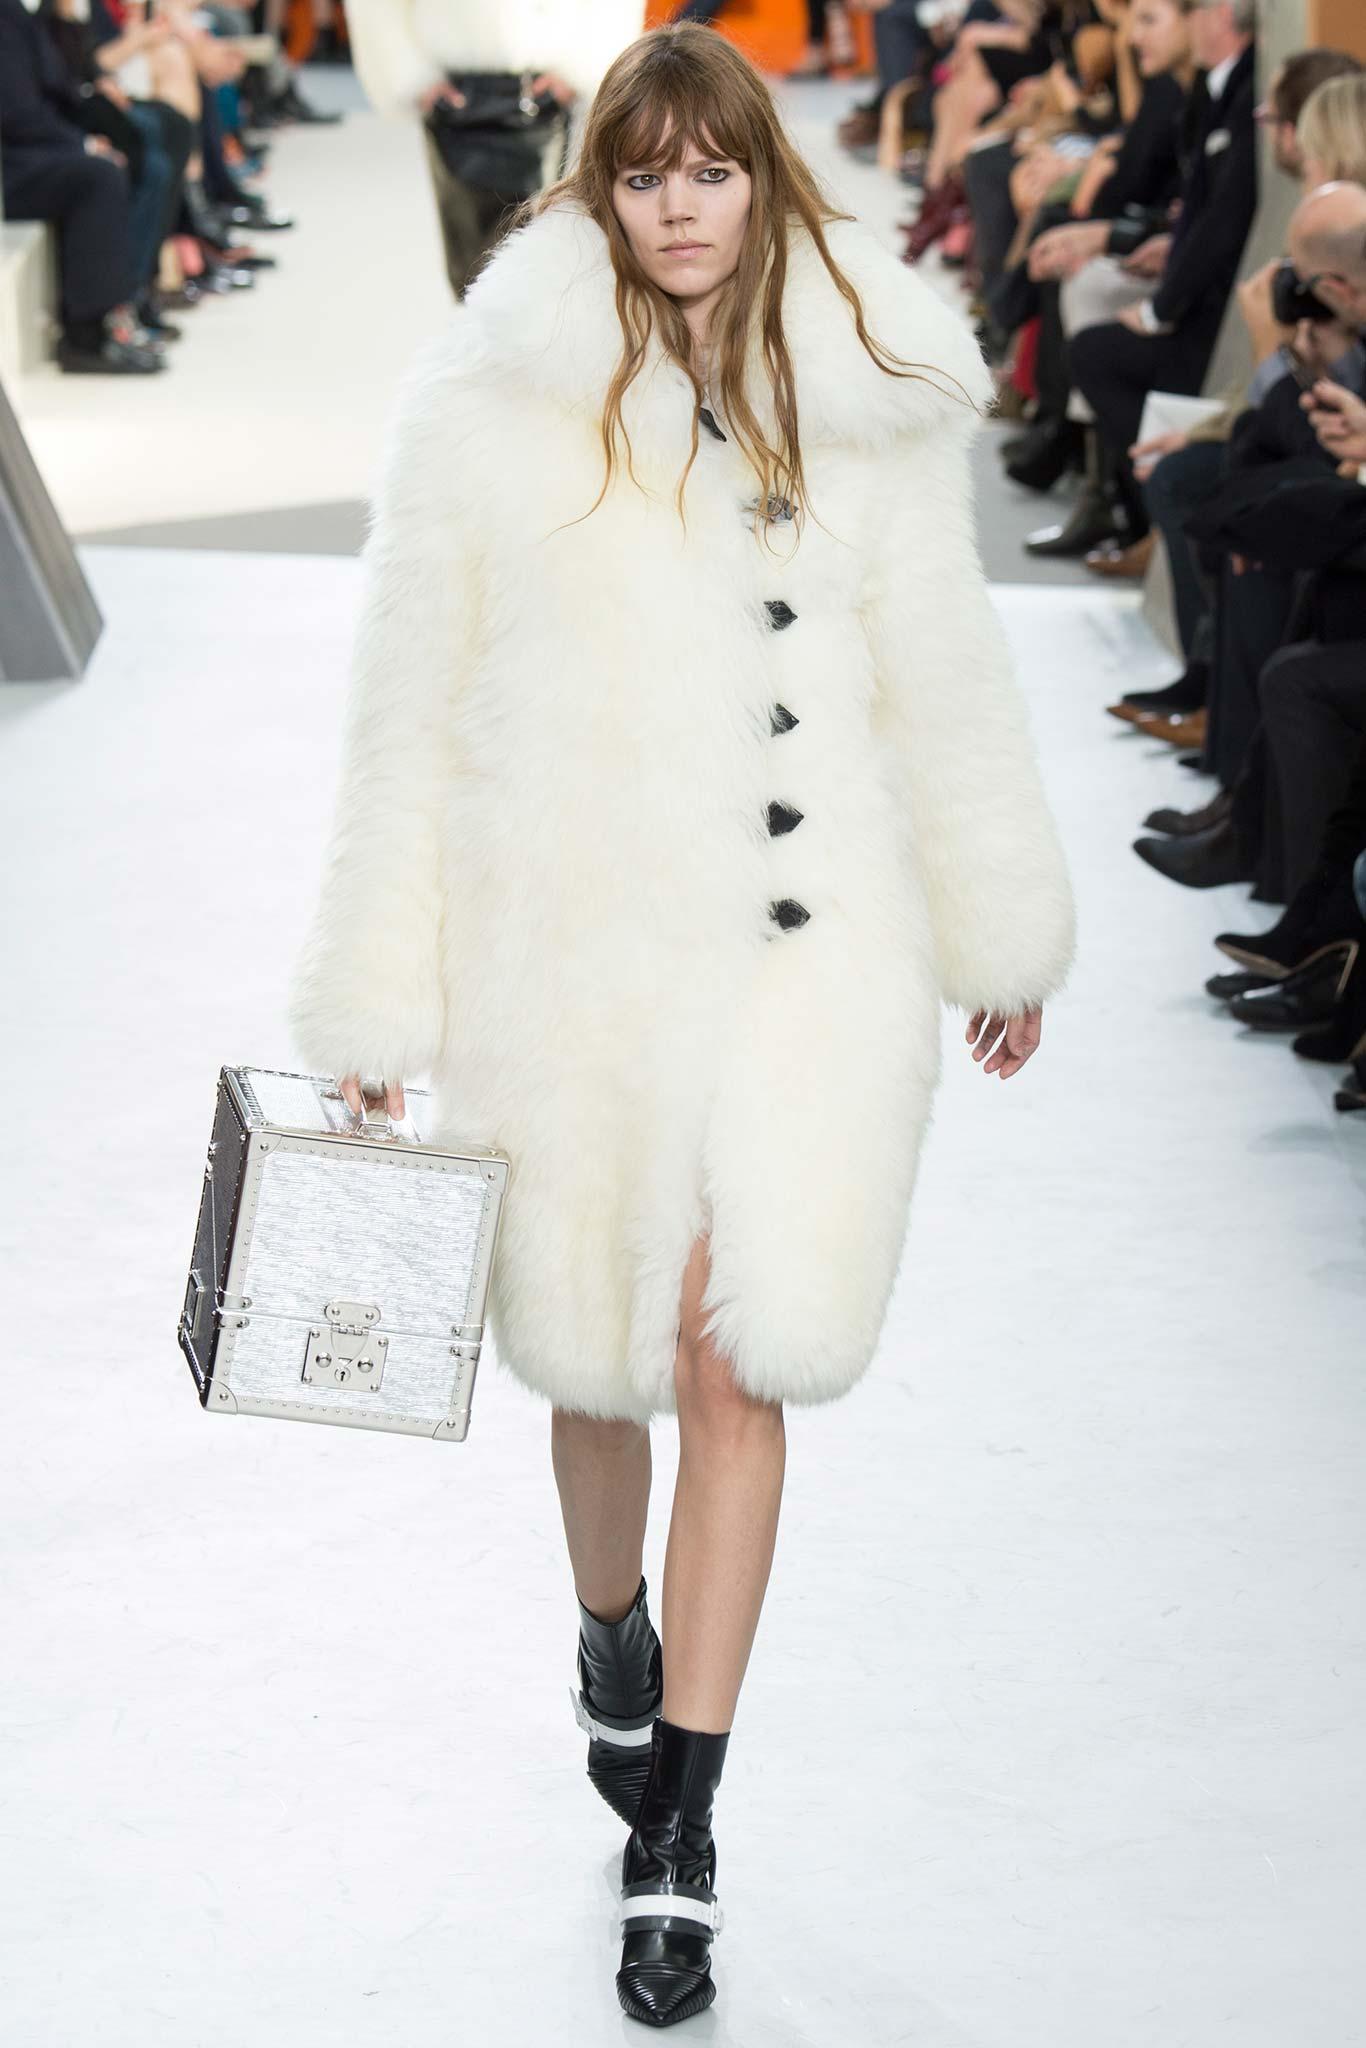 Les tendances des d fil s automne hiver 2015 2016 de paris Fashion style girl hiver 2015